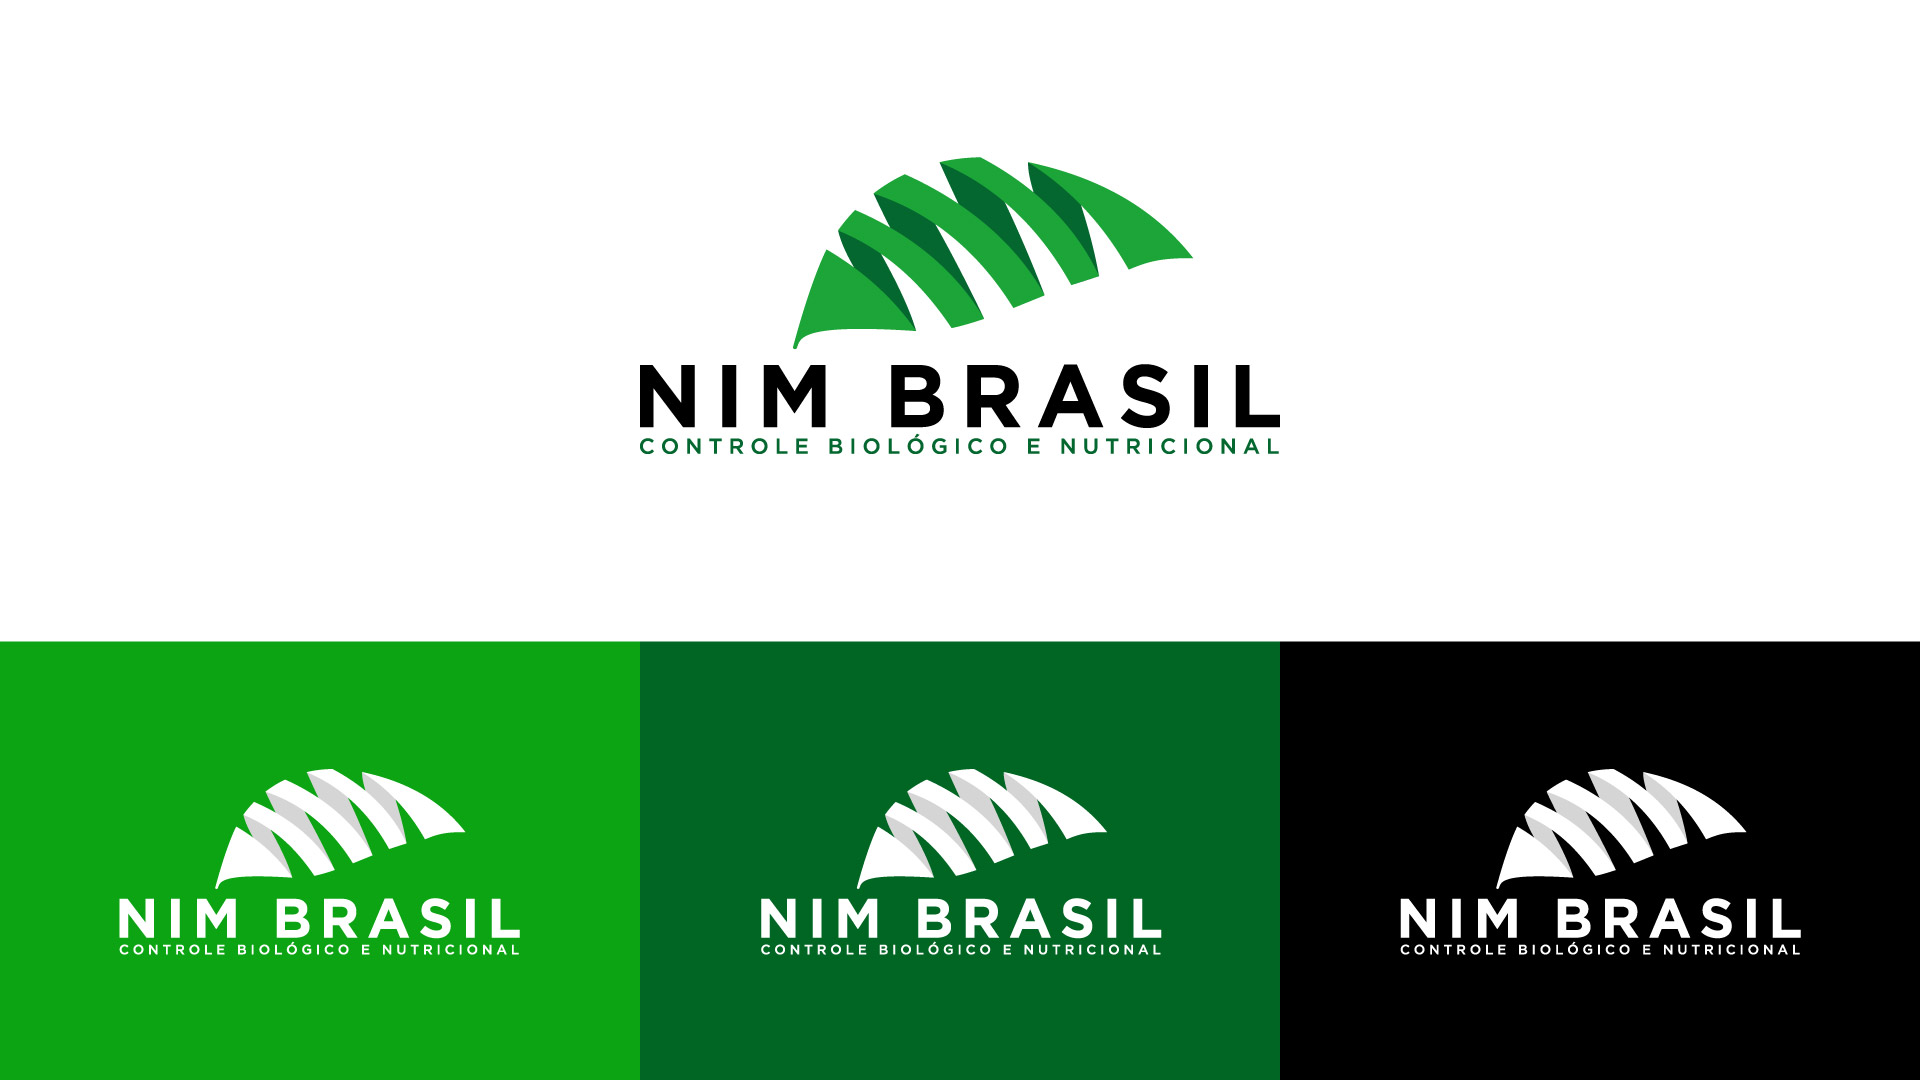 NIM BRASIL